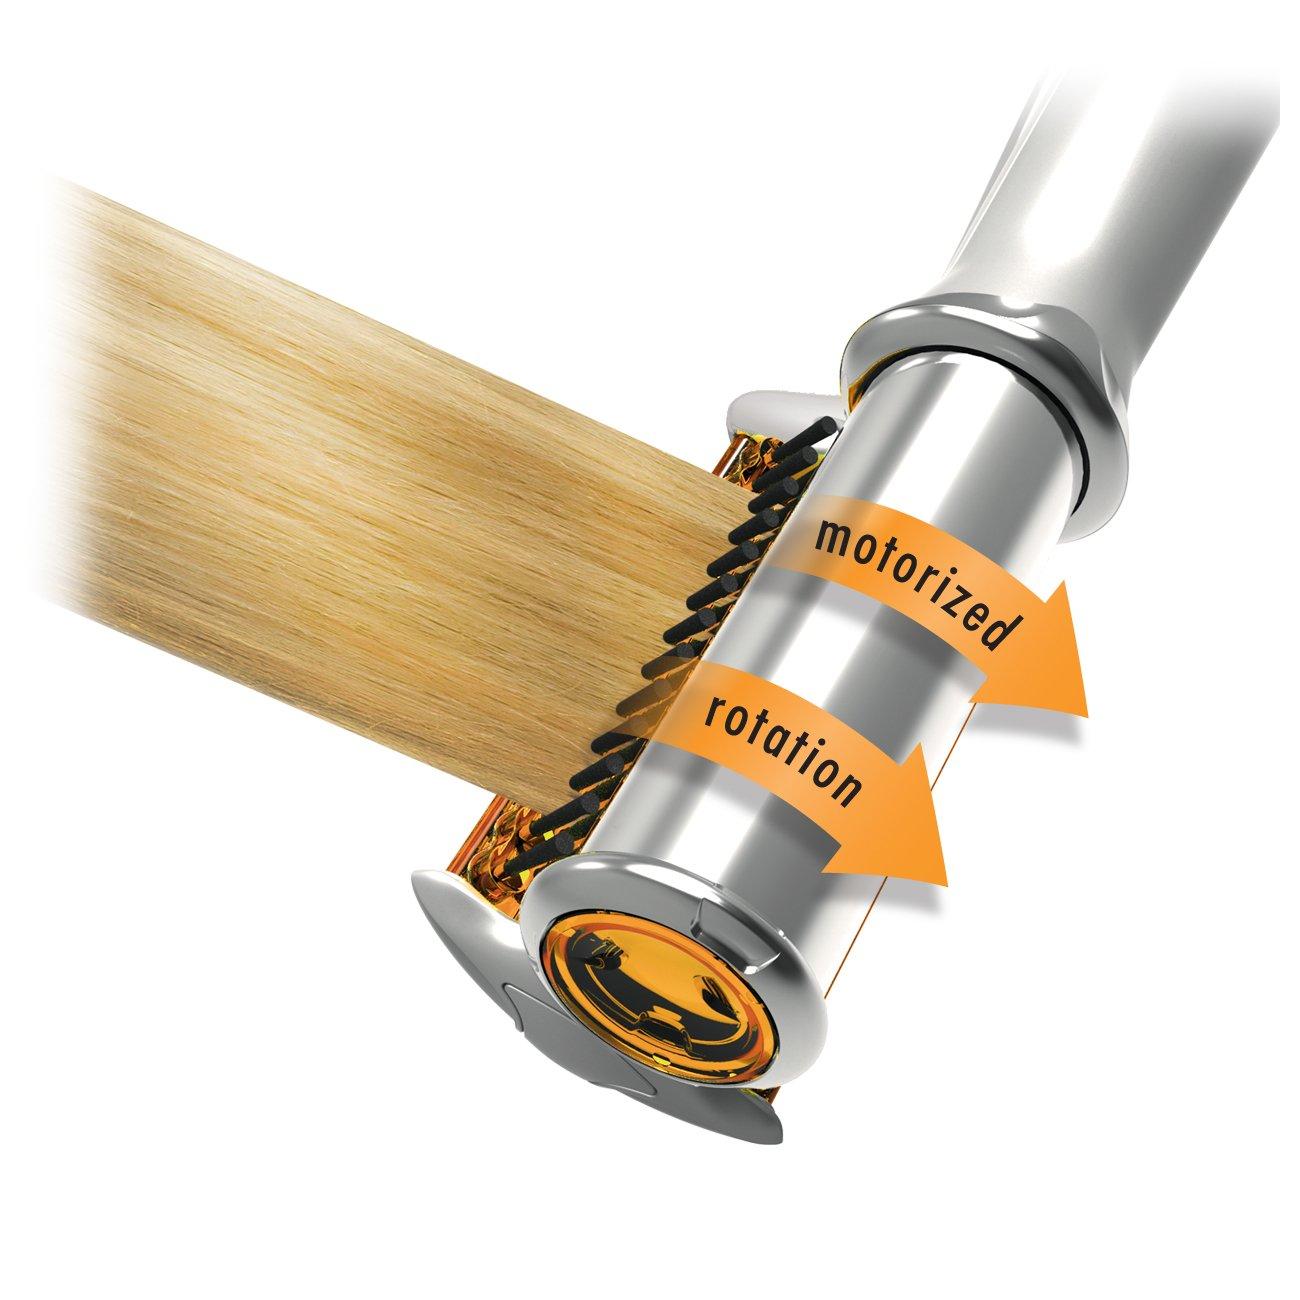 InStyler 32 mm Plata Titanio Giratoria Hierro: Amazon.es: Salud y cuidado personal